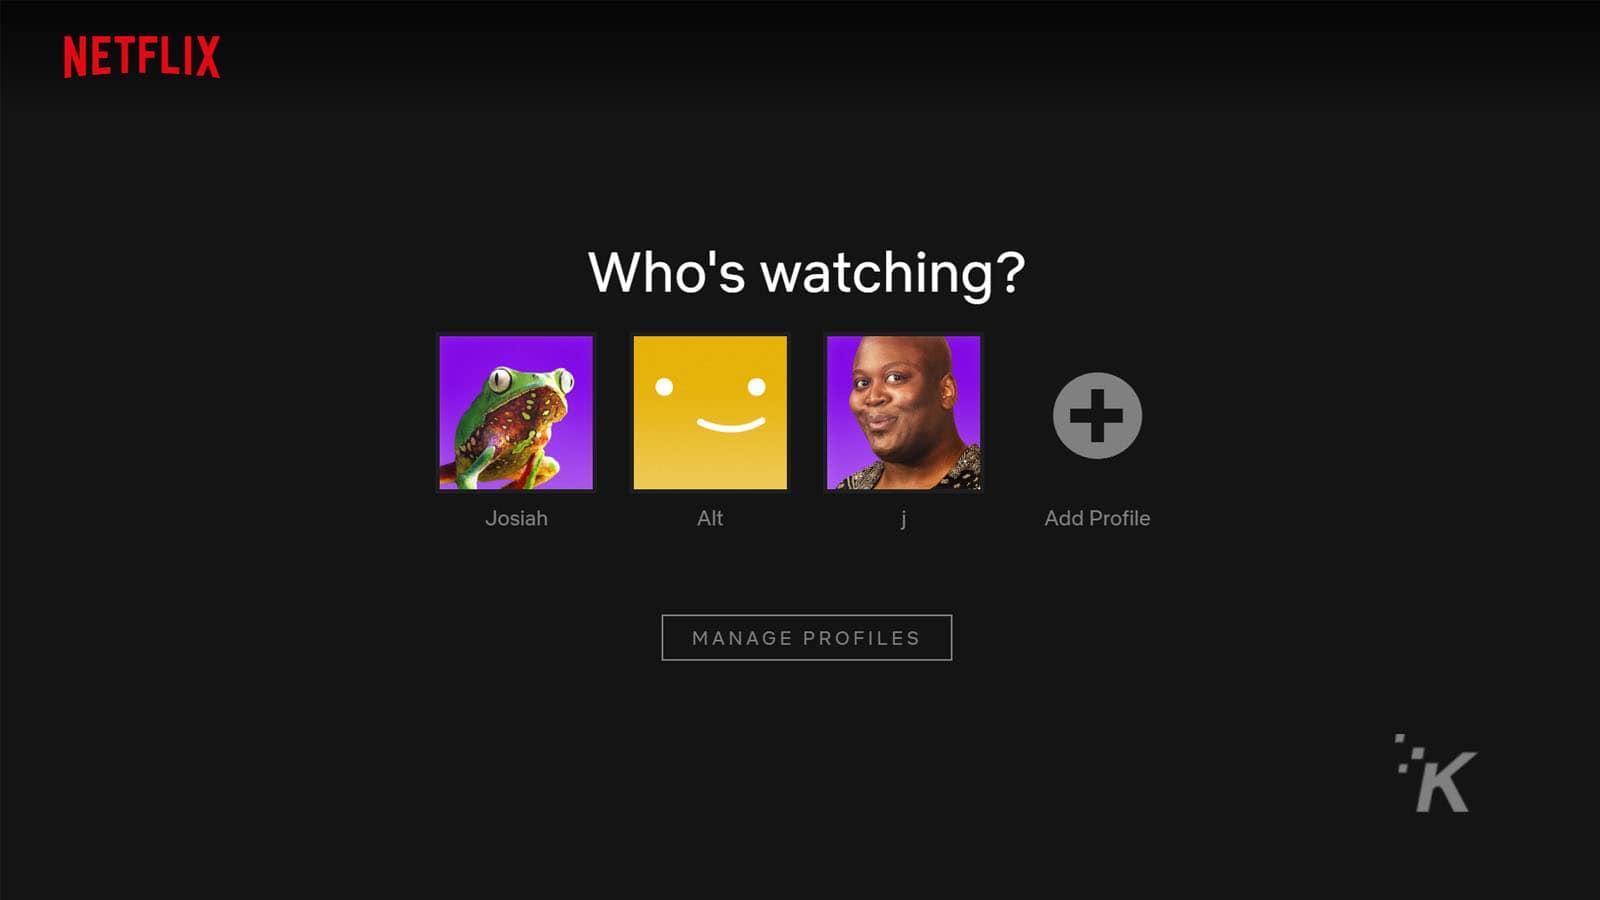 netflix who's watching